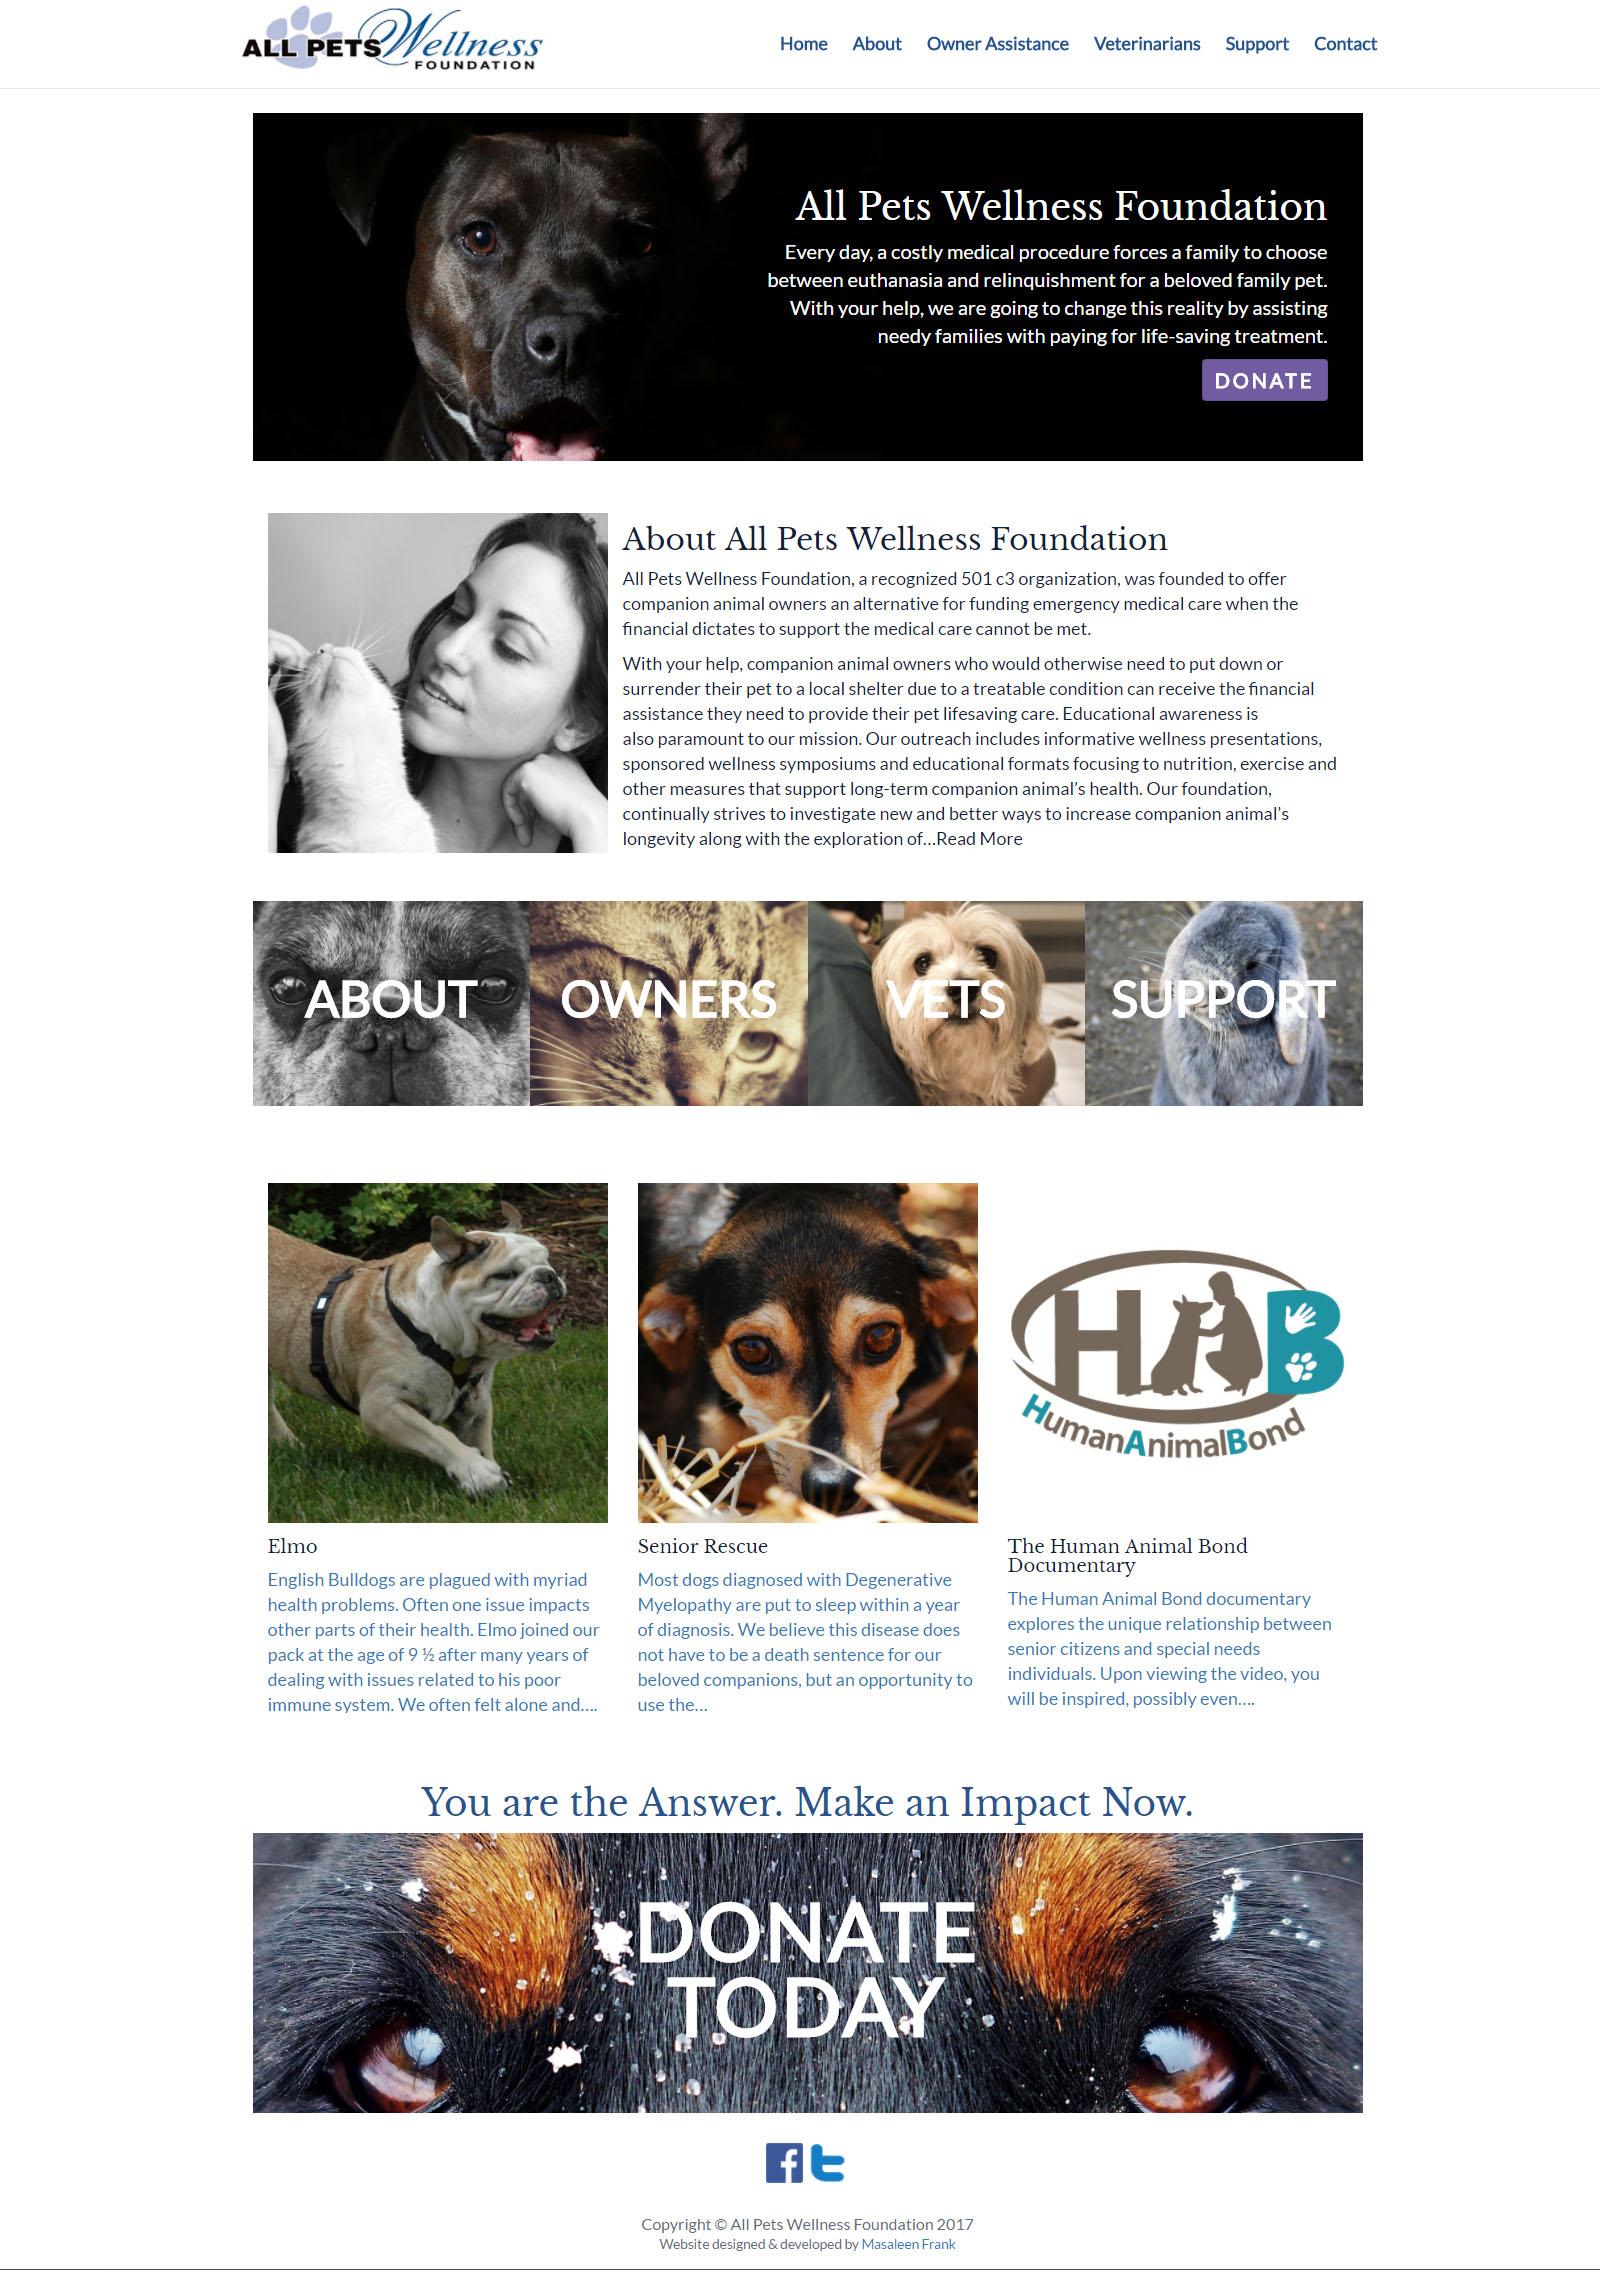 All Pets Wellness Foundation - Website Screenshot